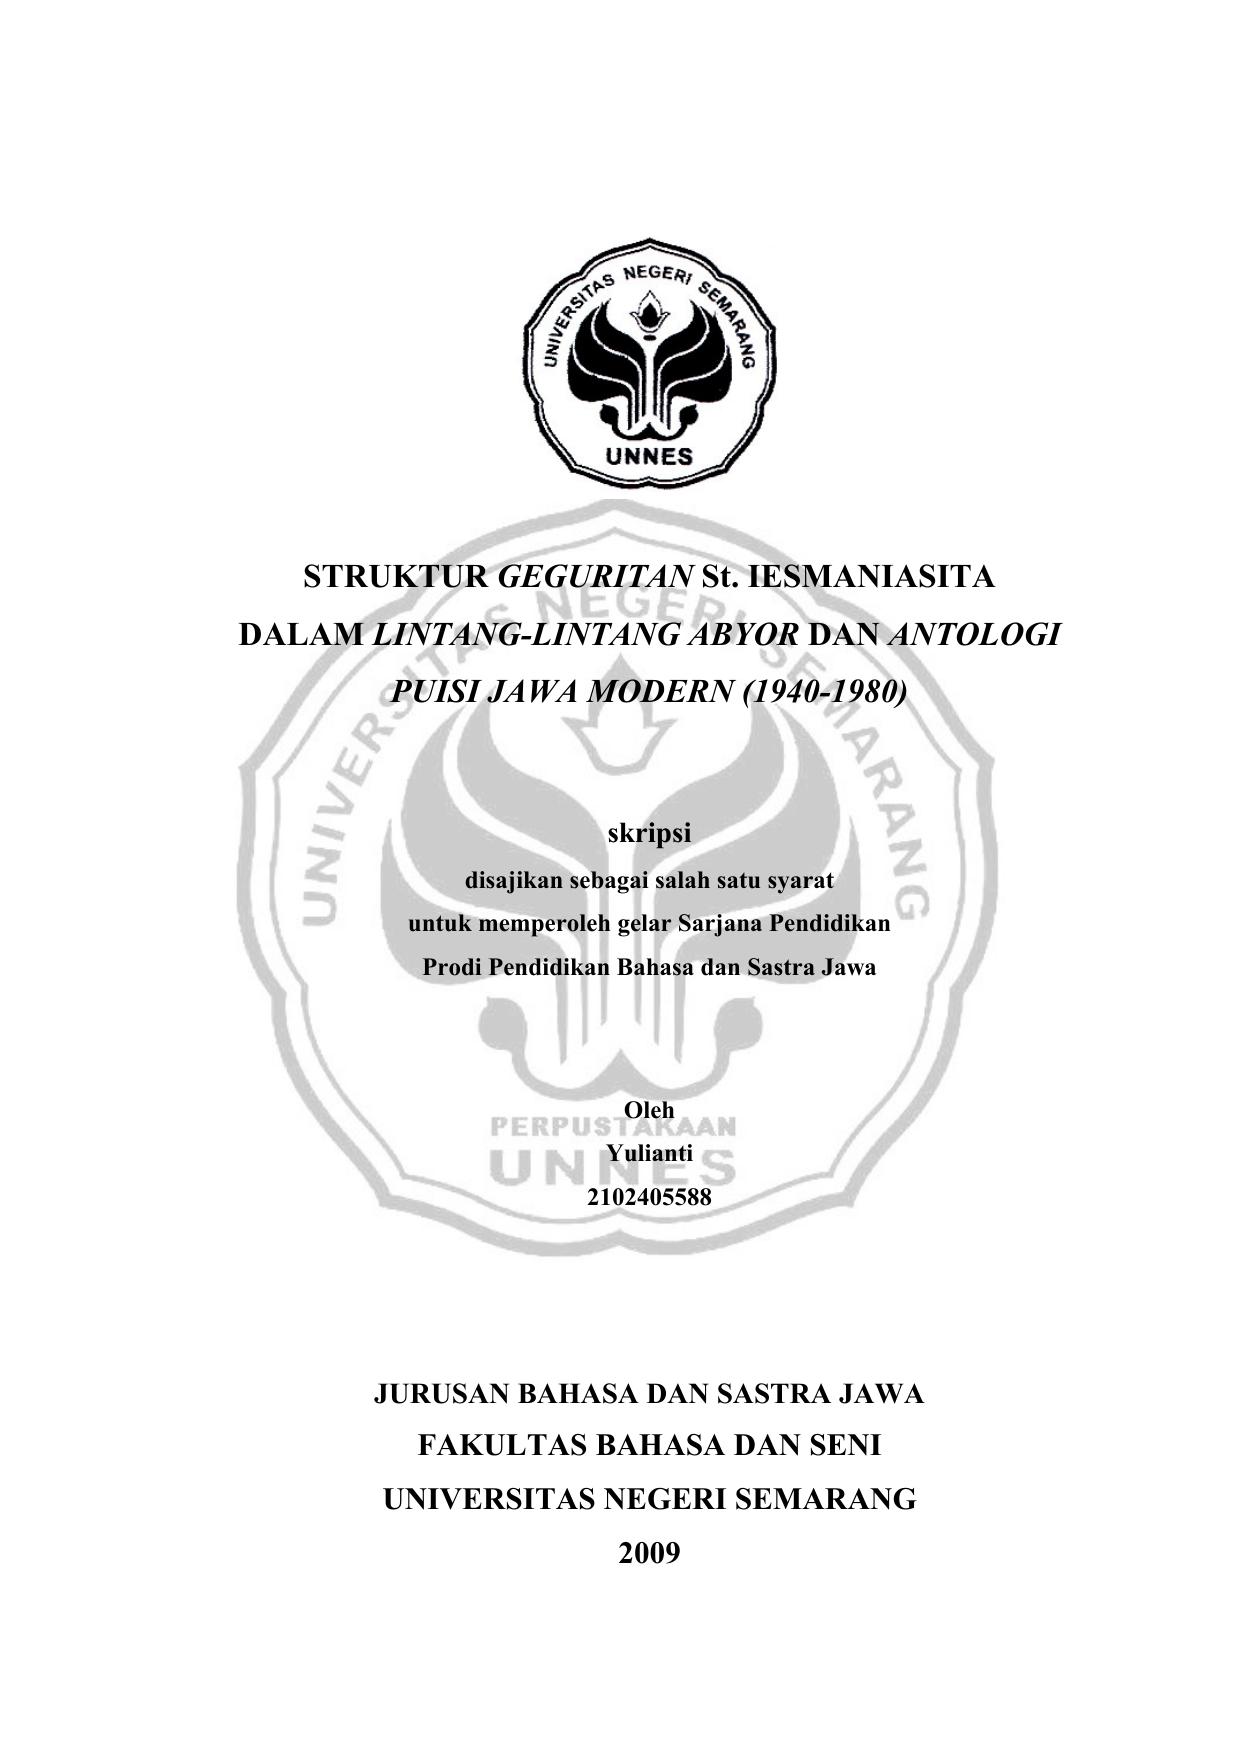 Struktur Geguritan St Iesmaniasita Dalam Lintang